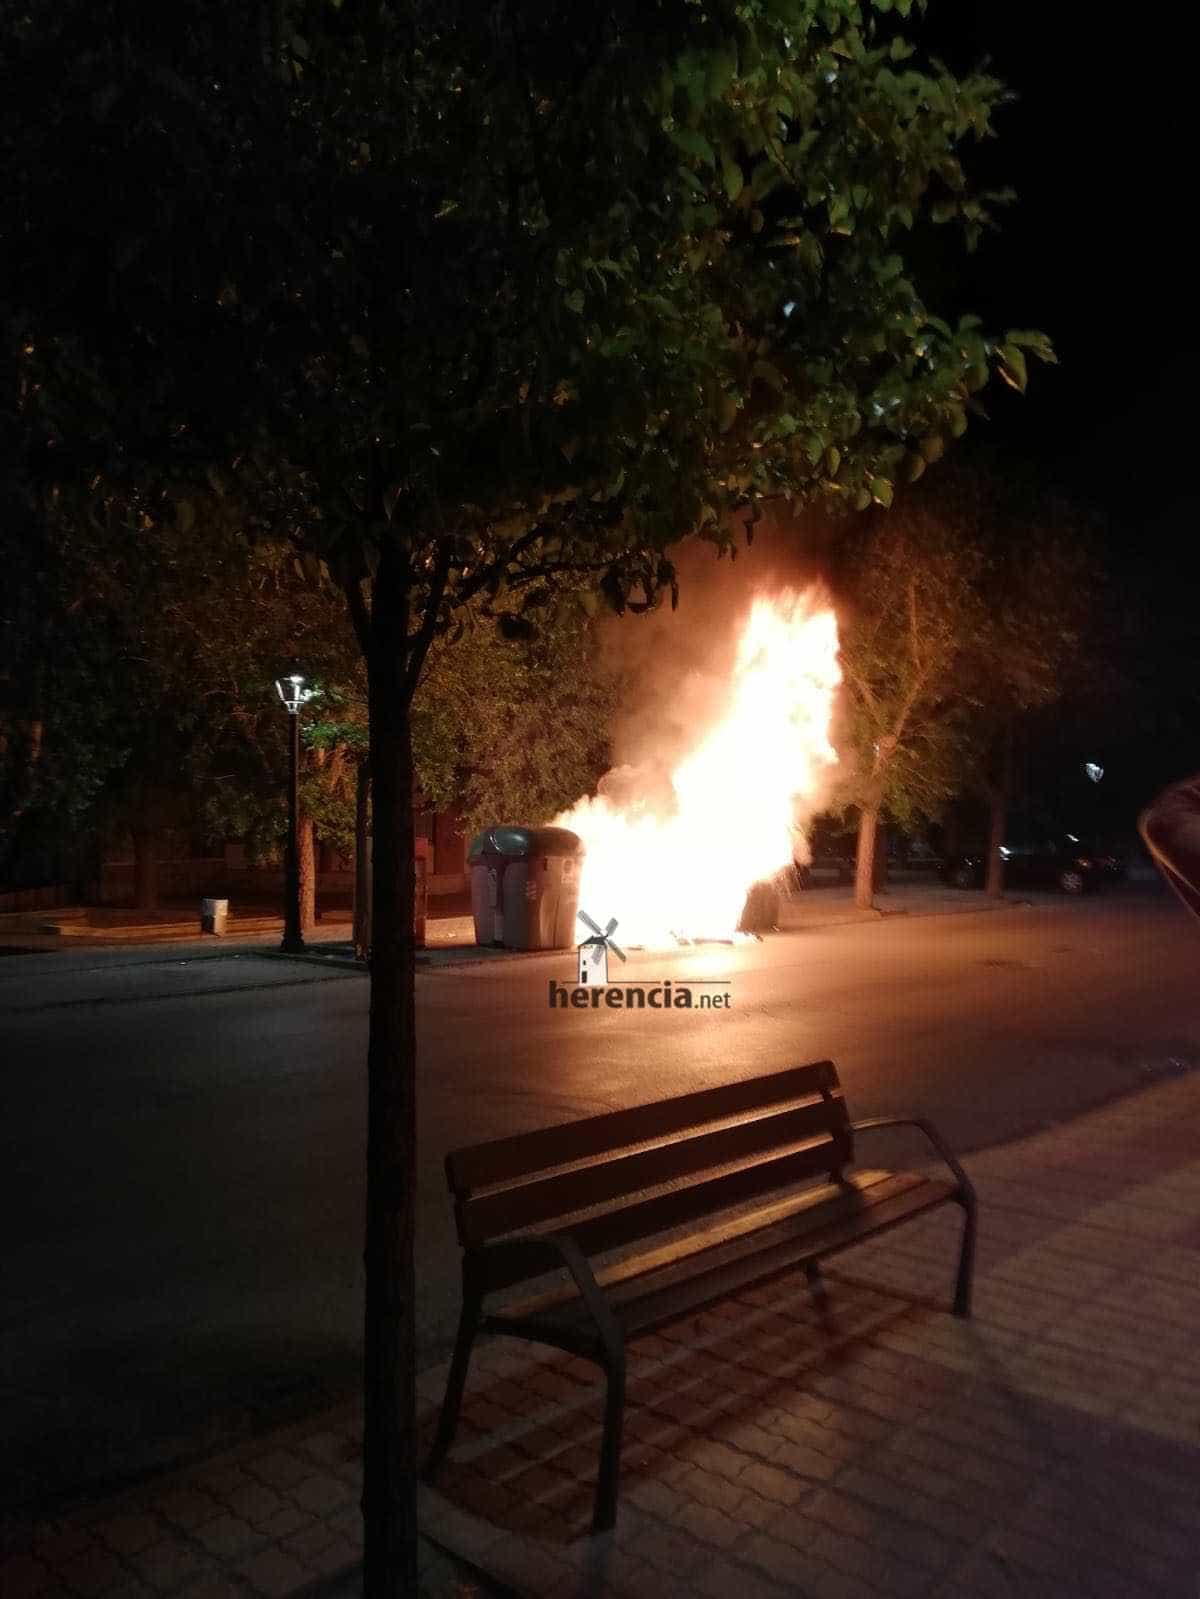 contenedores arden cristo herencia 1 - Arden tres contenedores en la zona del Cristo en Herencia